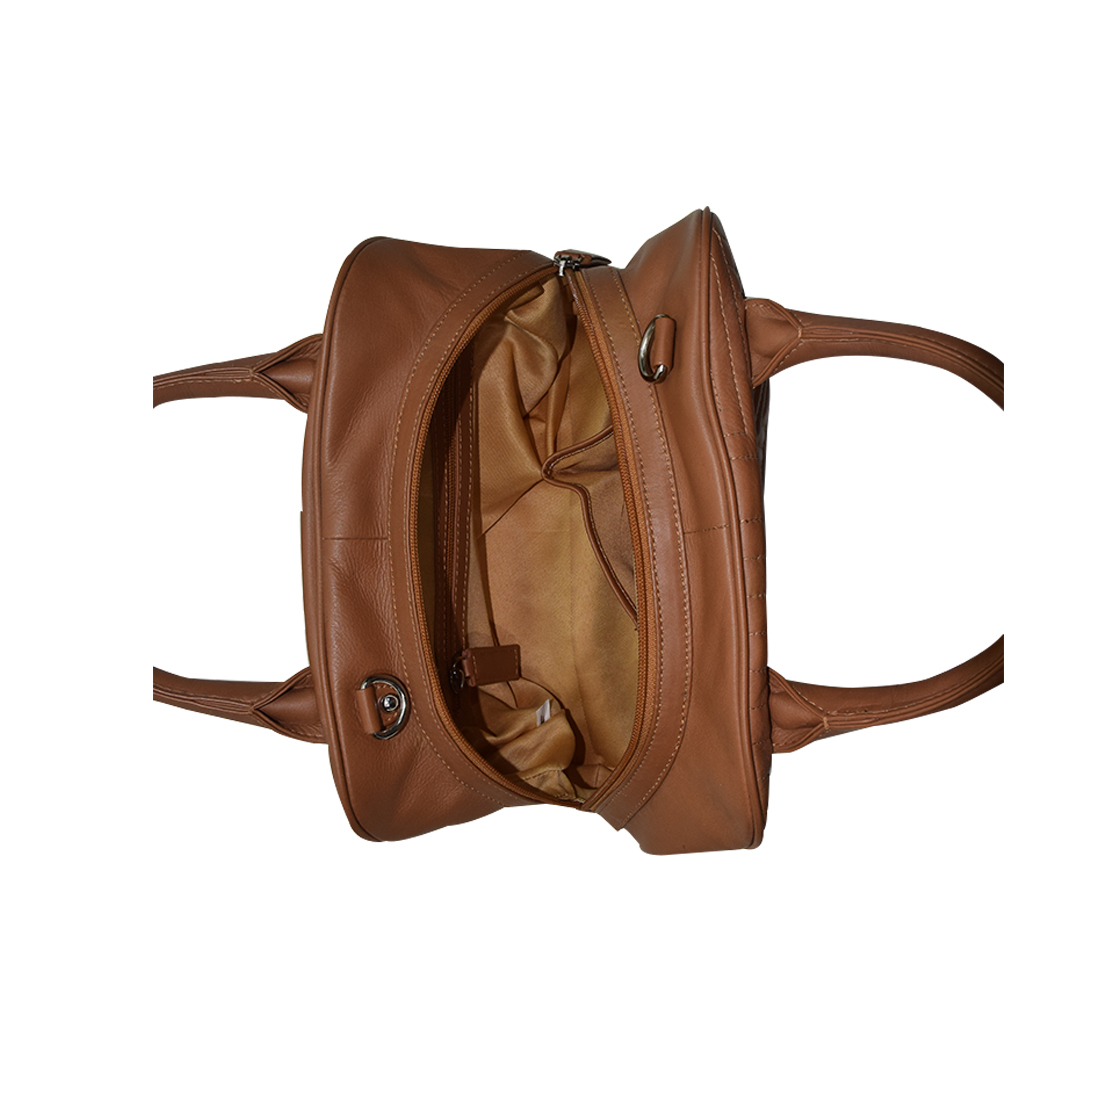 Finished Leather Handbag Color Tan